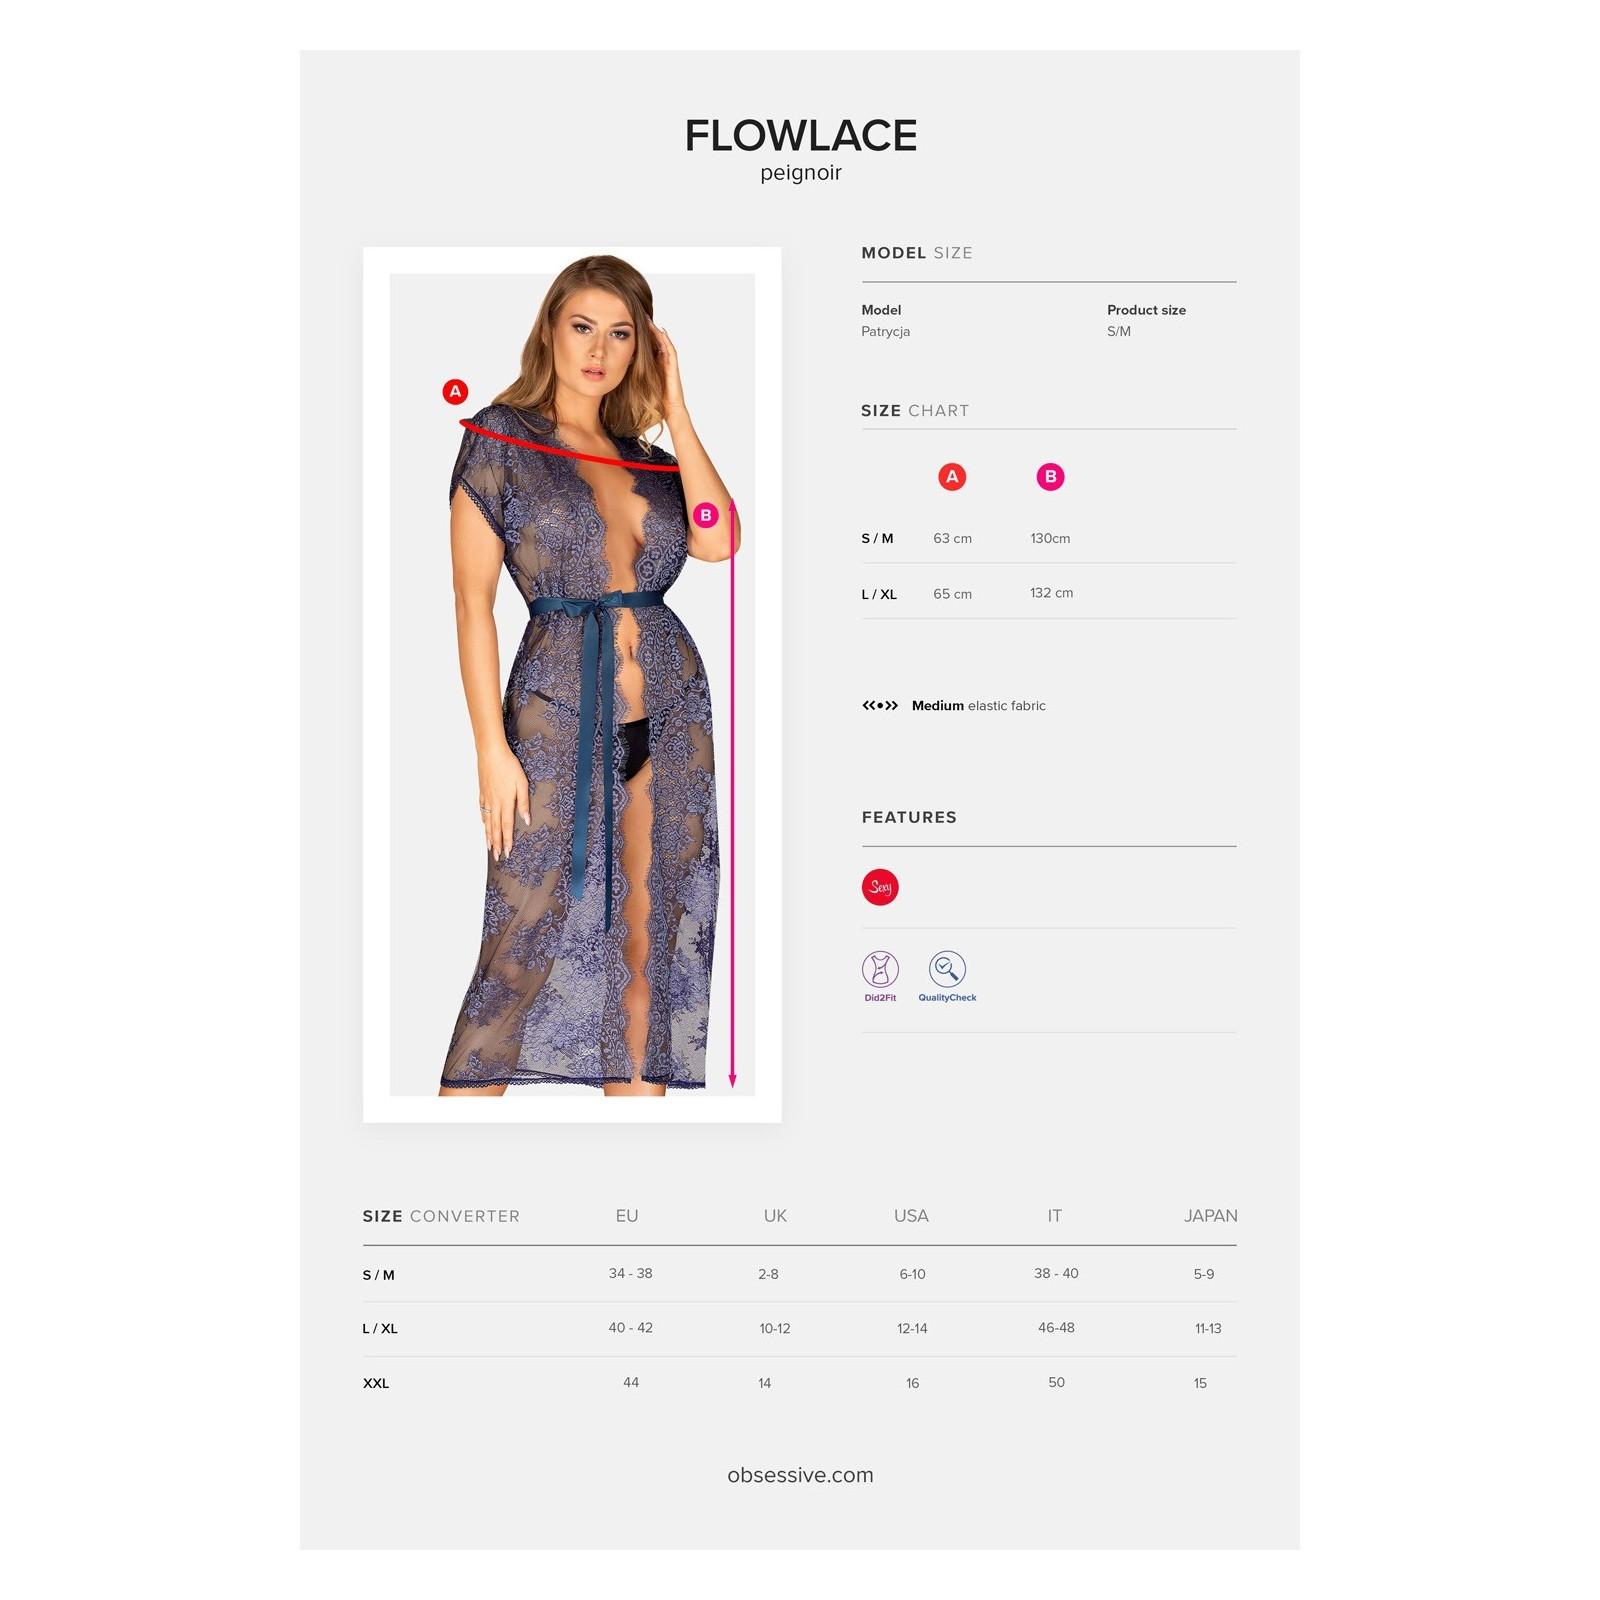 Flowlace Peignoir - 7 - Vorschaubild